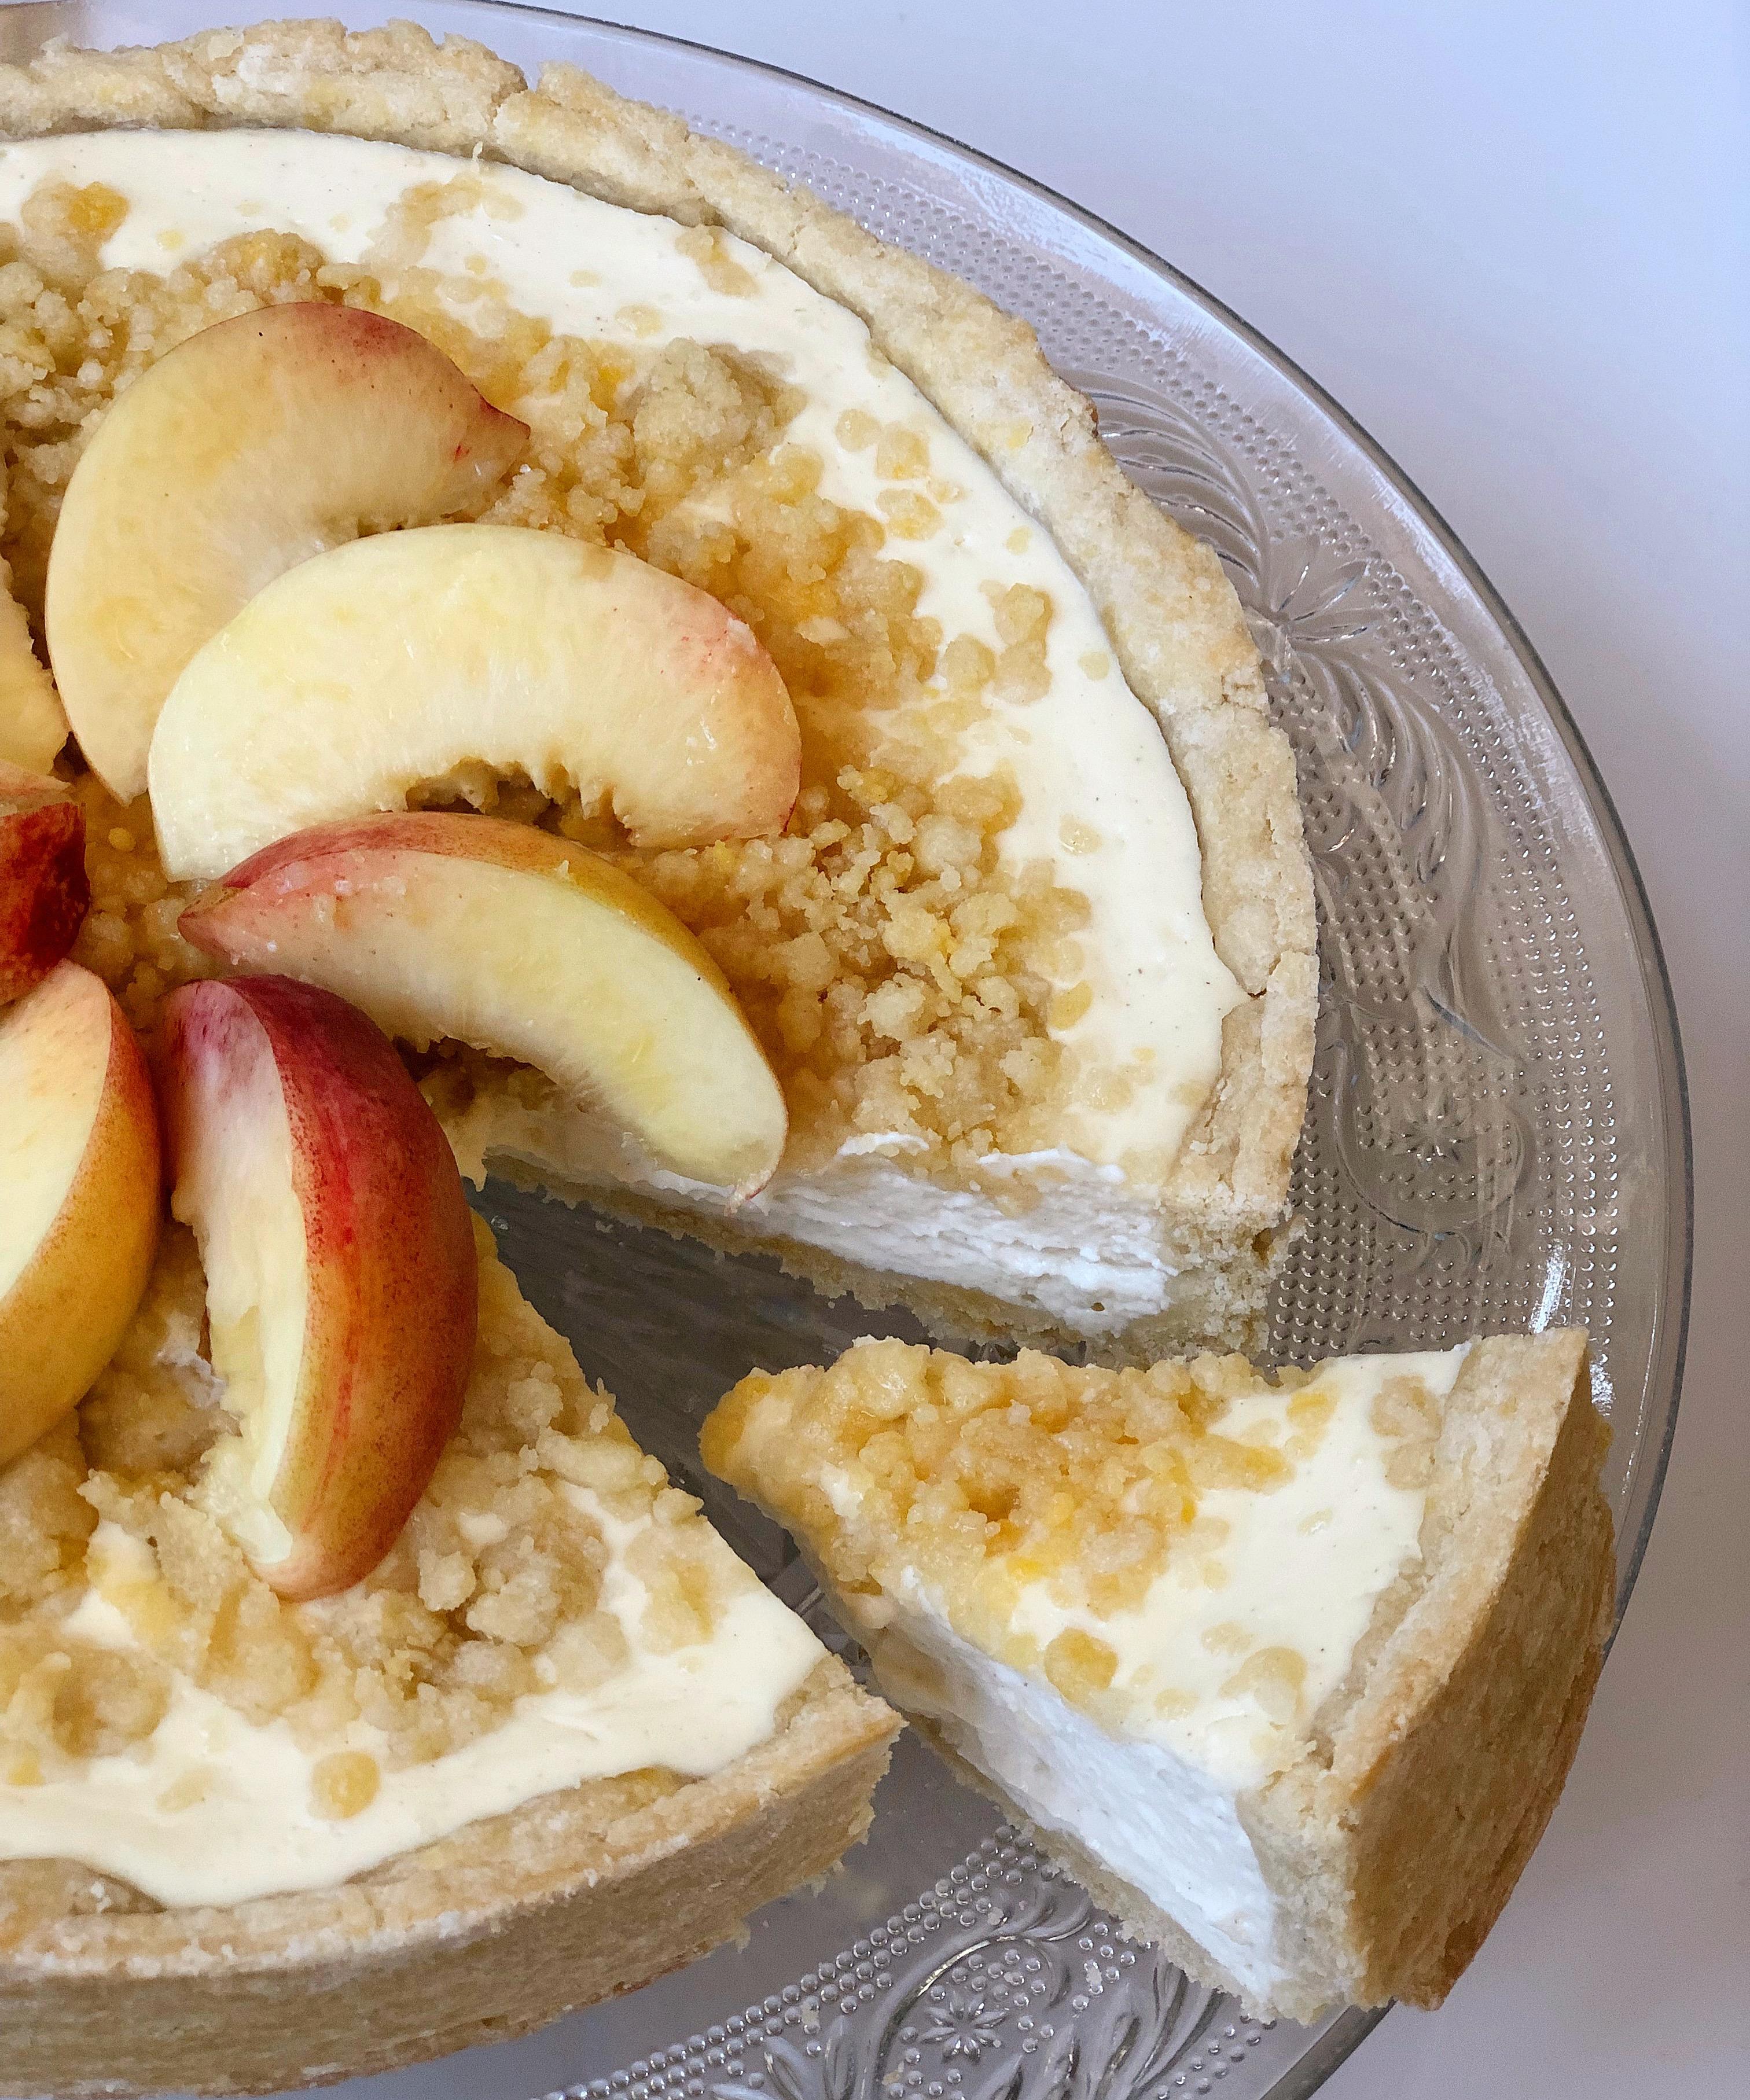 Cheesecake Pesche e Amaretti Senza Burro, un dolce dal gusto avvolgente e delicato di dolci senza burro